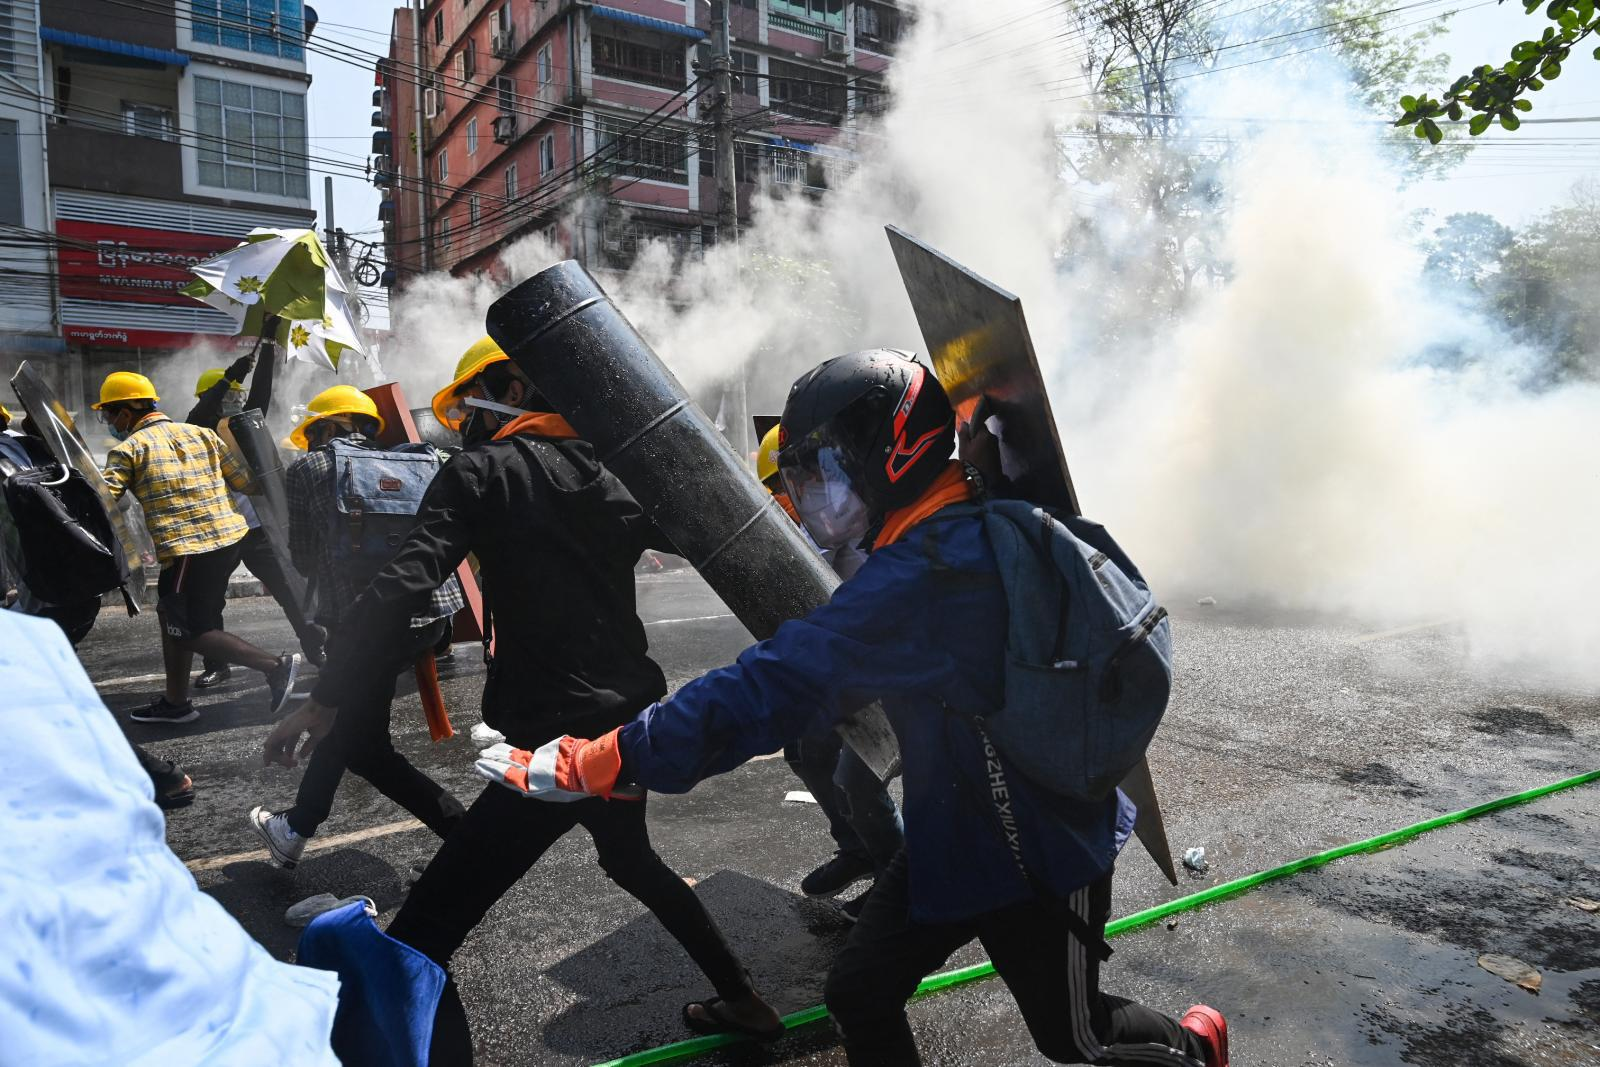 """สิงคโปร์ จี้กองทัพเมียนมา หยุดทำร้ายประชาชน - ปล่อยตัว  """"ซูจี"""""""